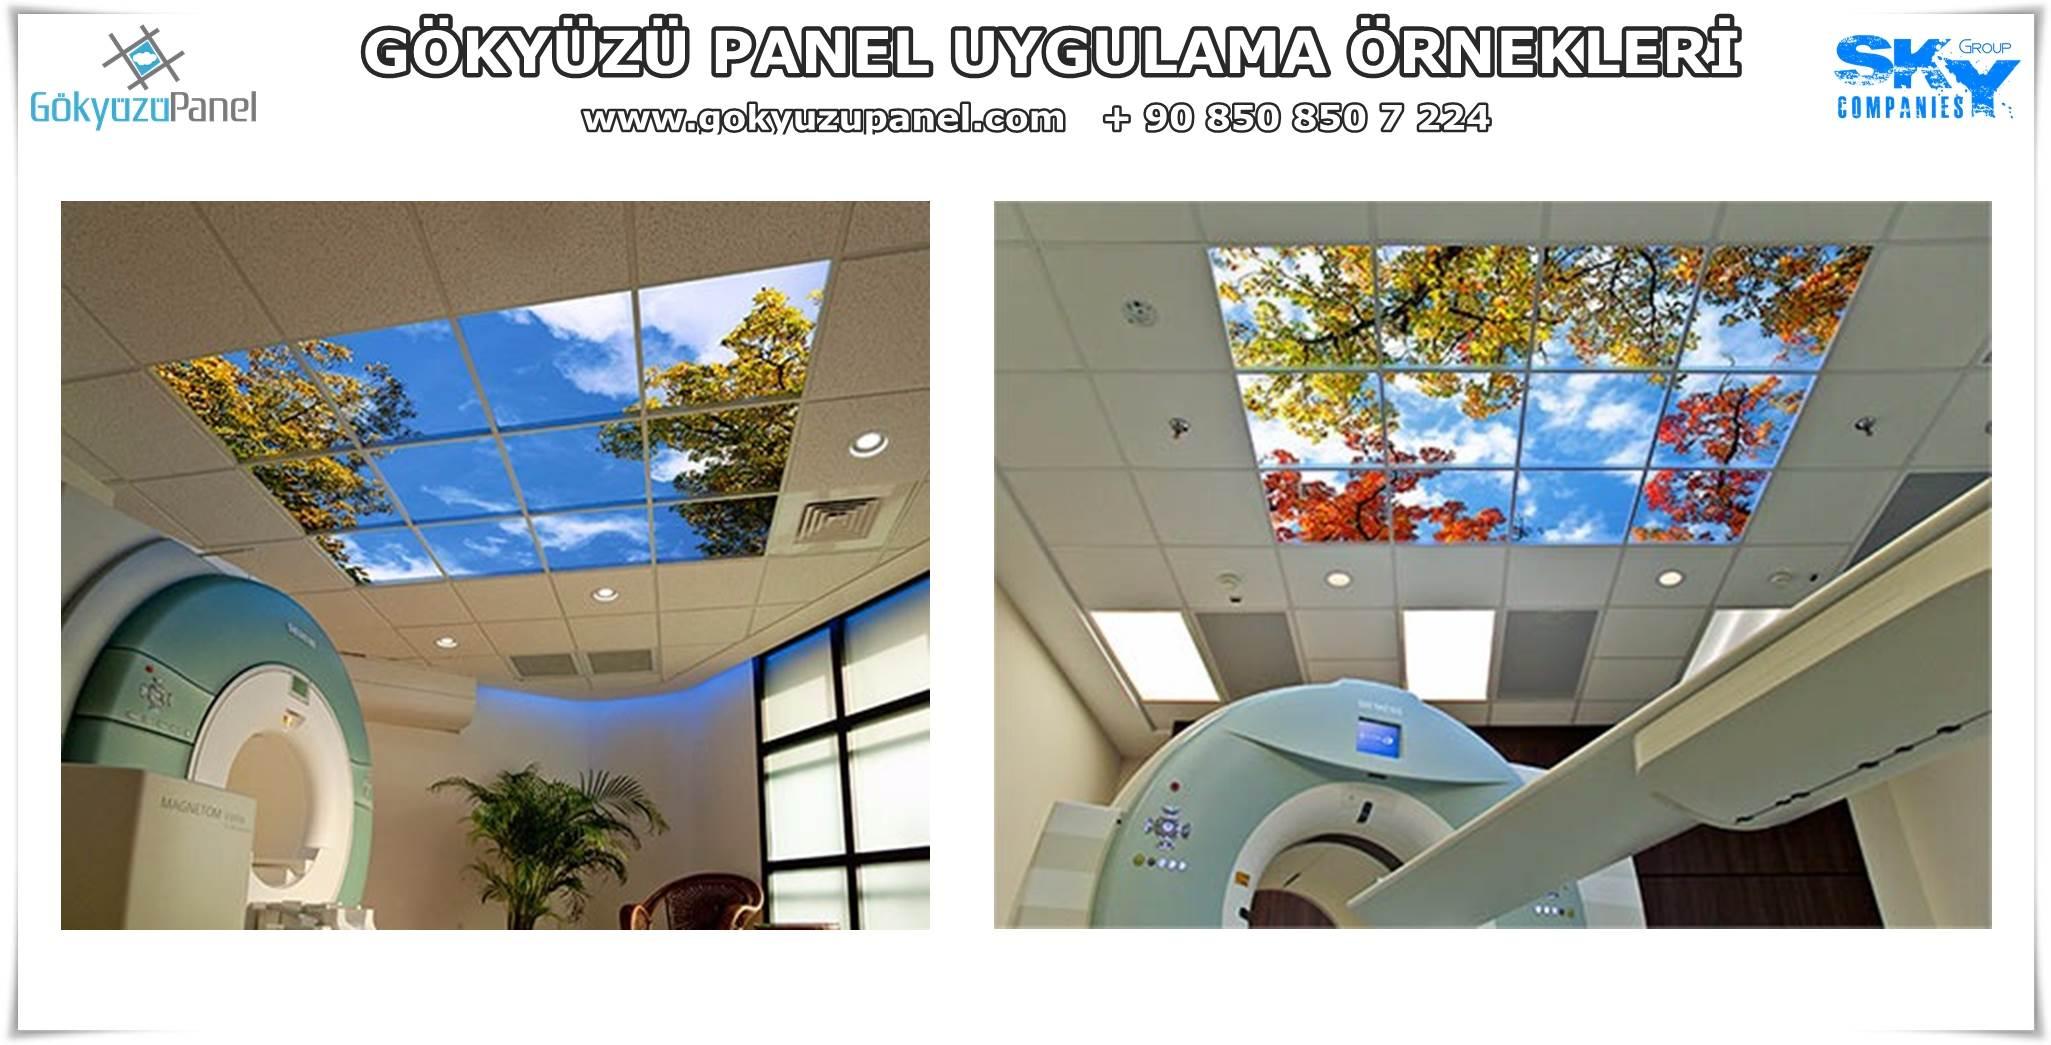 Gökyüzü Panel Uygulama Örnekleri 9